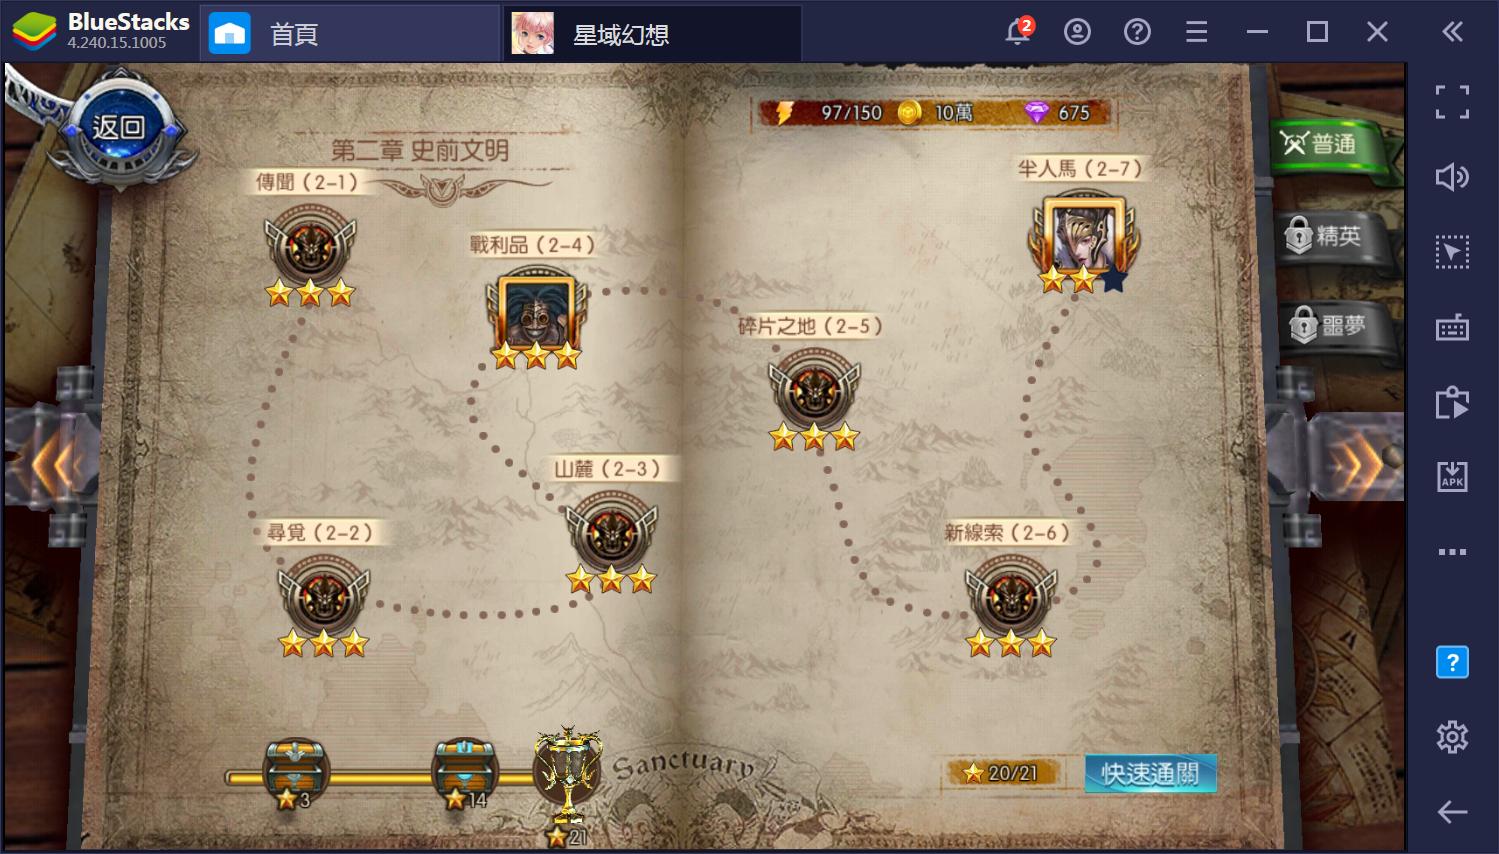 使用BlueStacks在PC上遊玩動作卡牌冒險類RPG手遊《星域幻想》